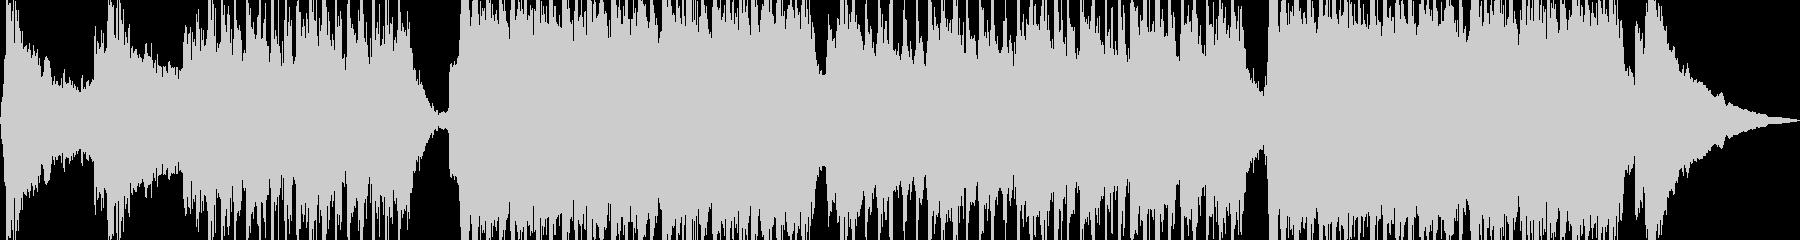 強いスタイリッシュなロックの未再生の波形